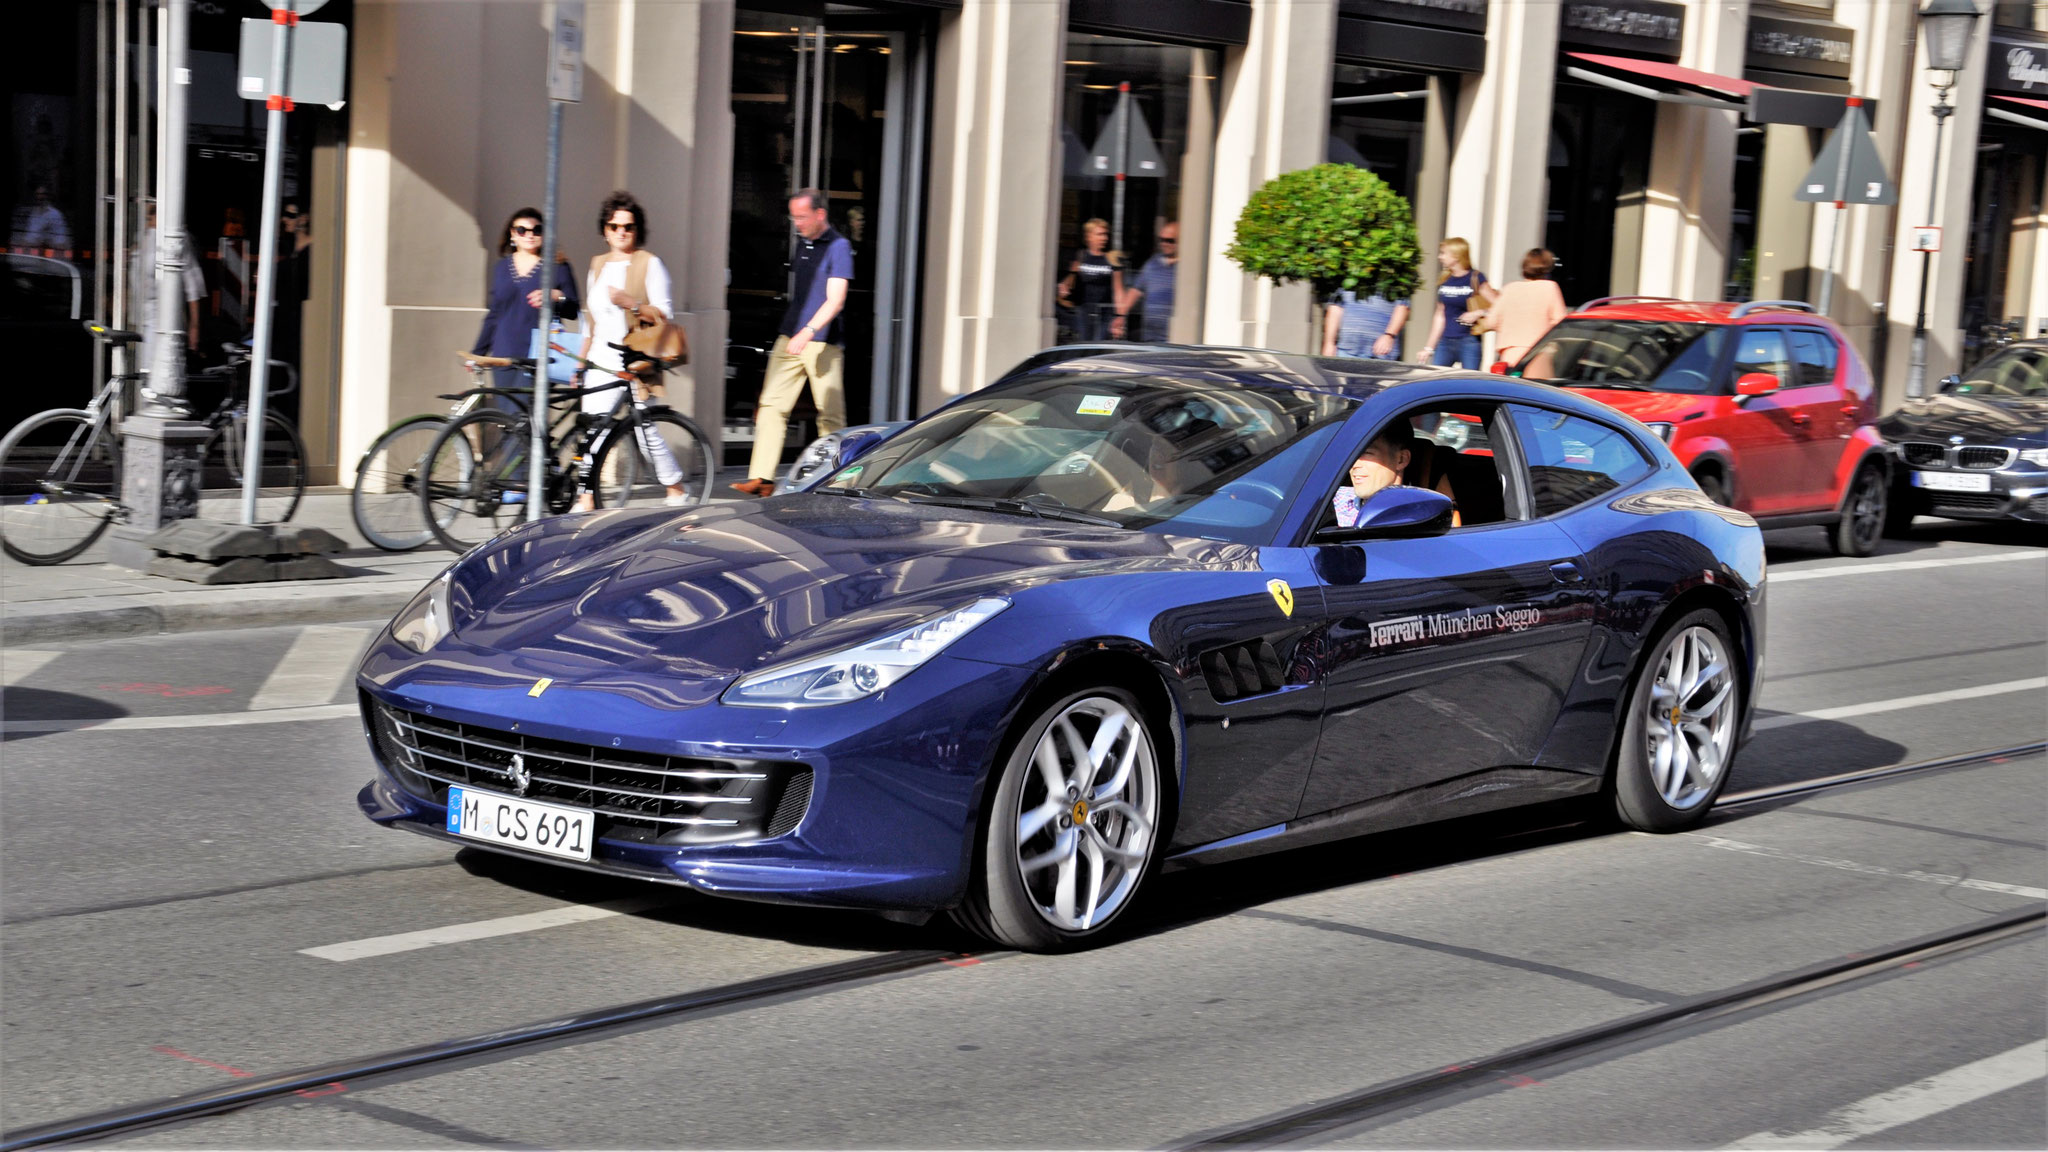 Ferrari GTC4 Lusso - M-CS-691